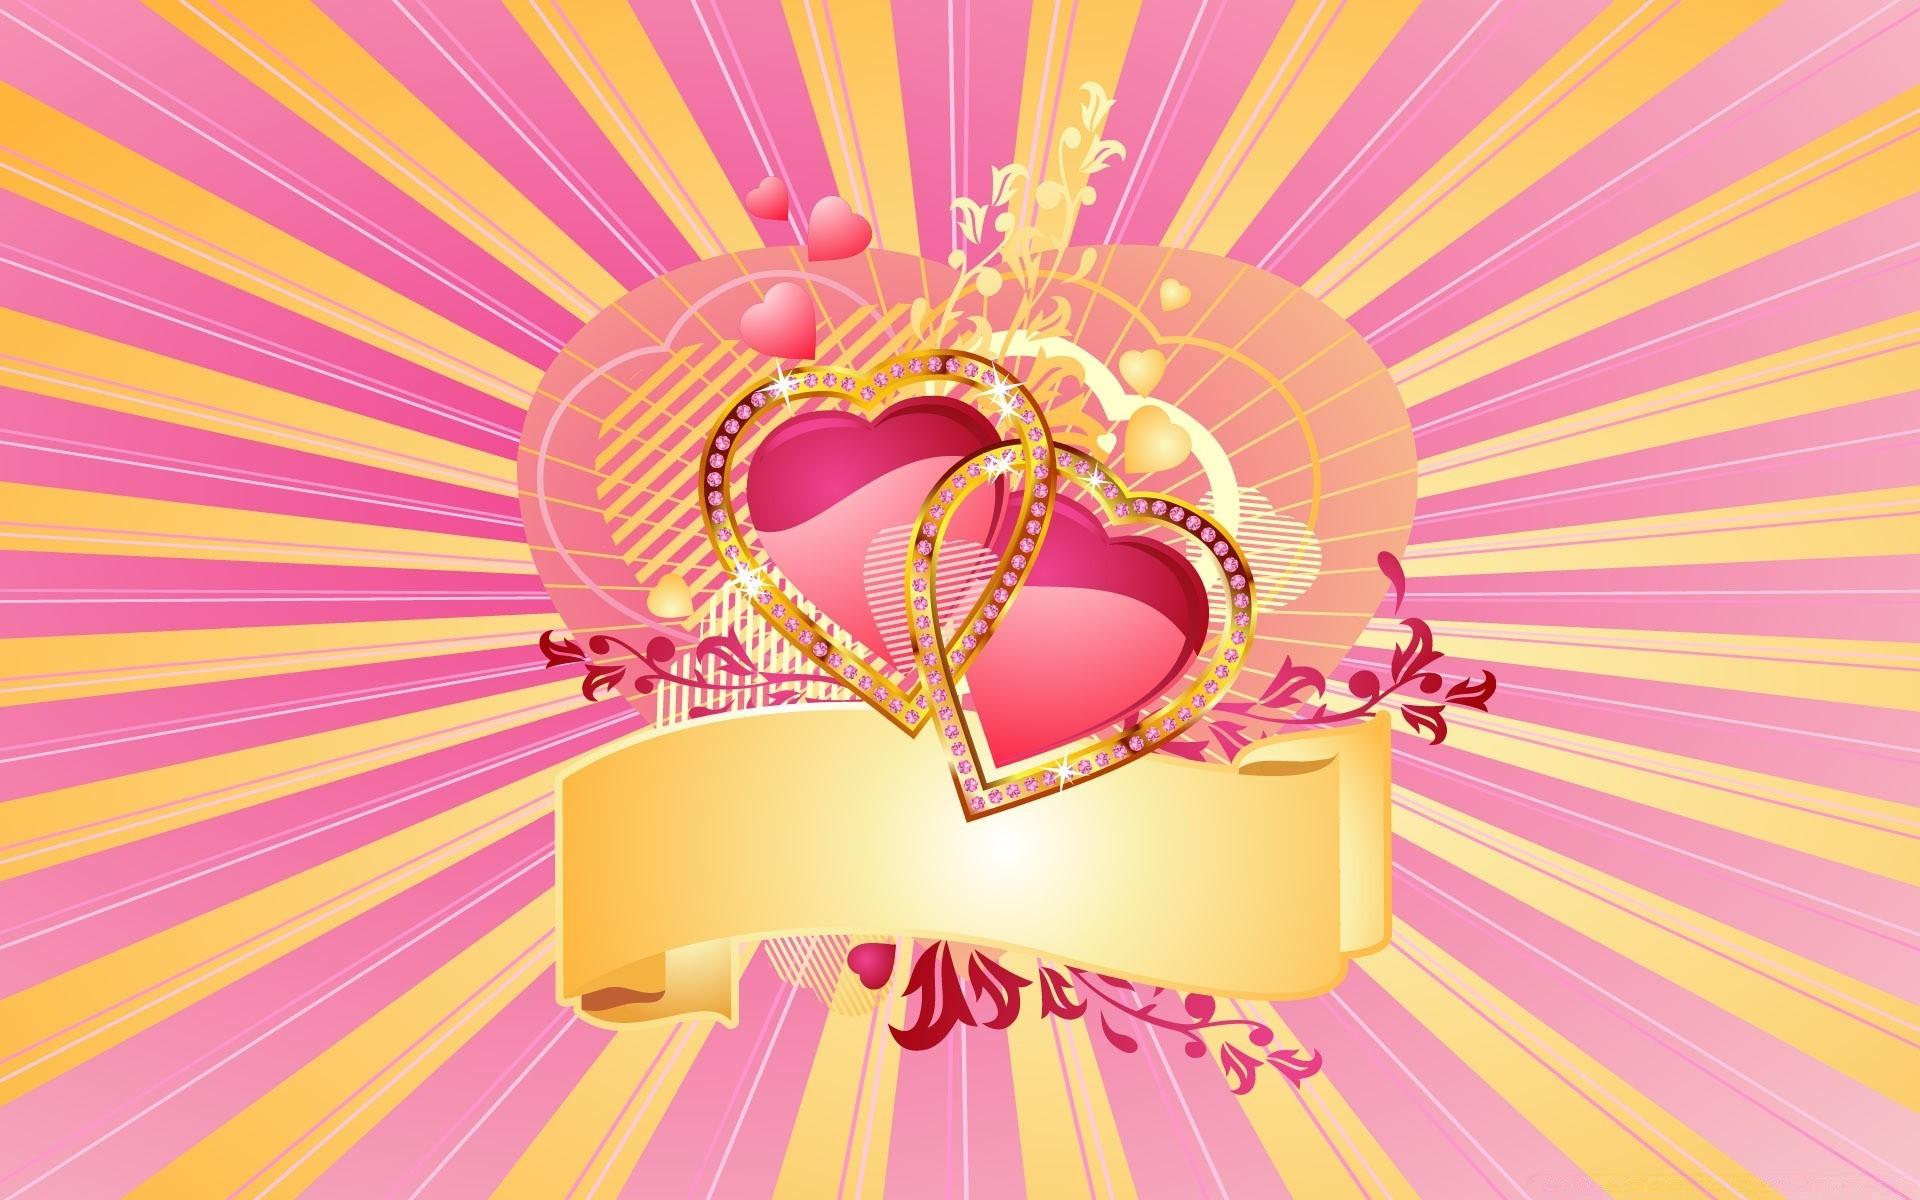 Свадебное сердце на открытку, анимации адидас поздравления